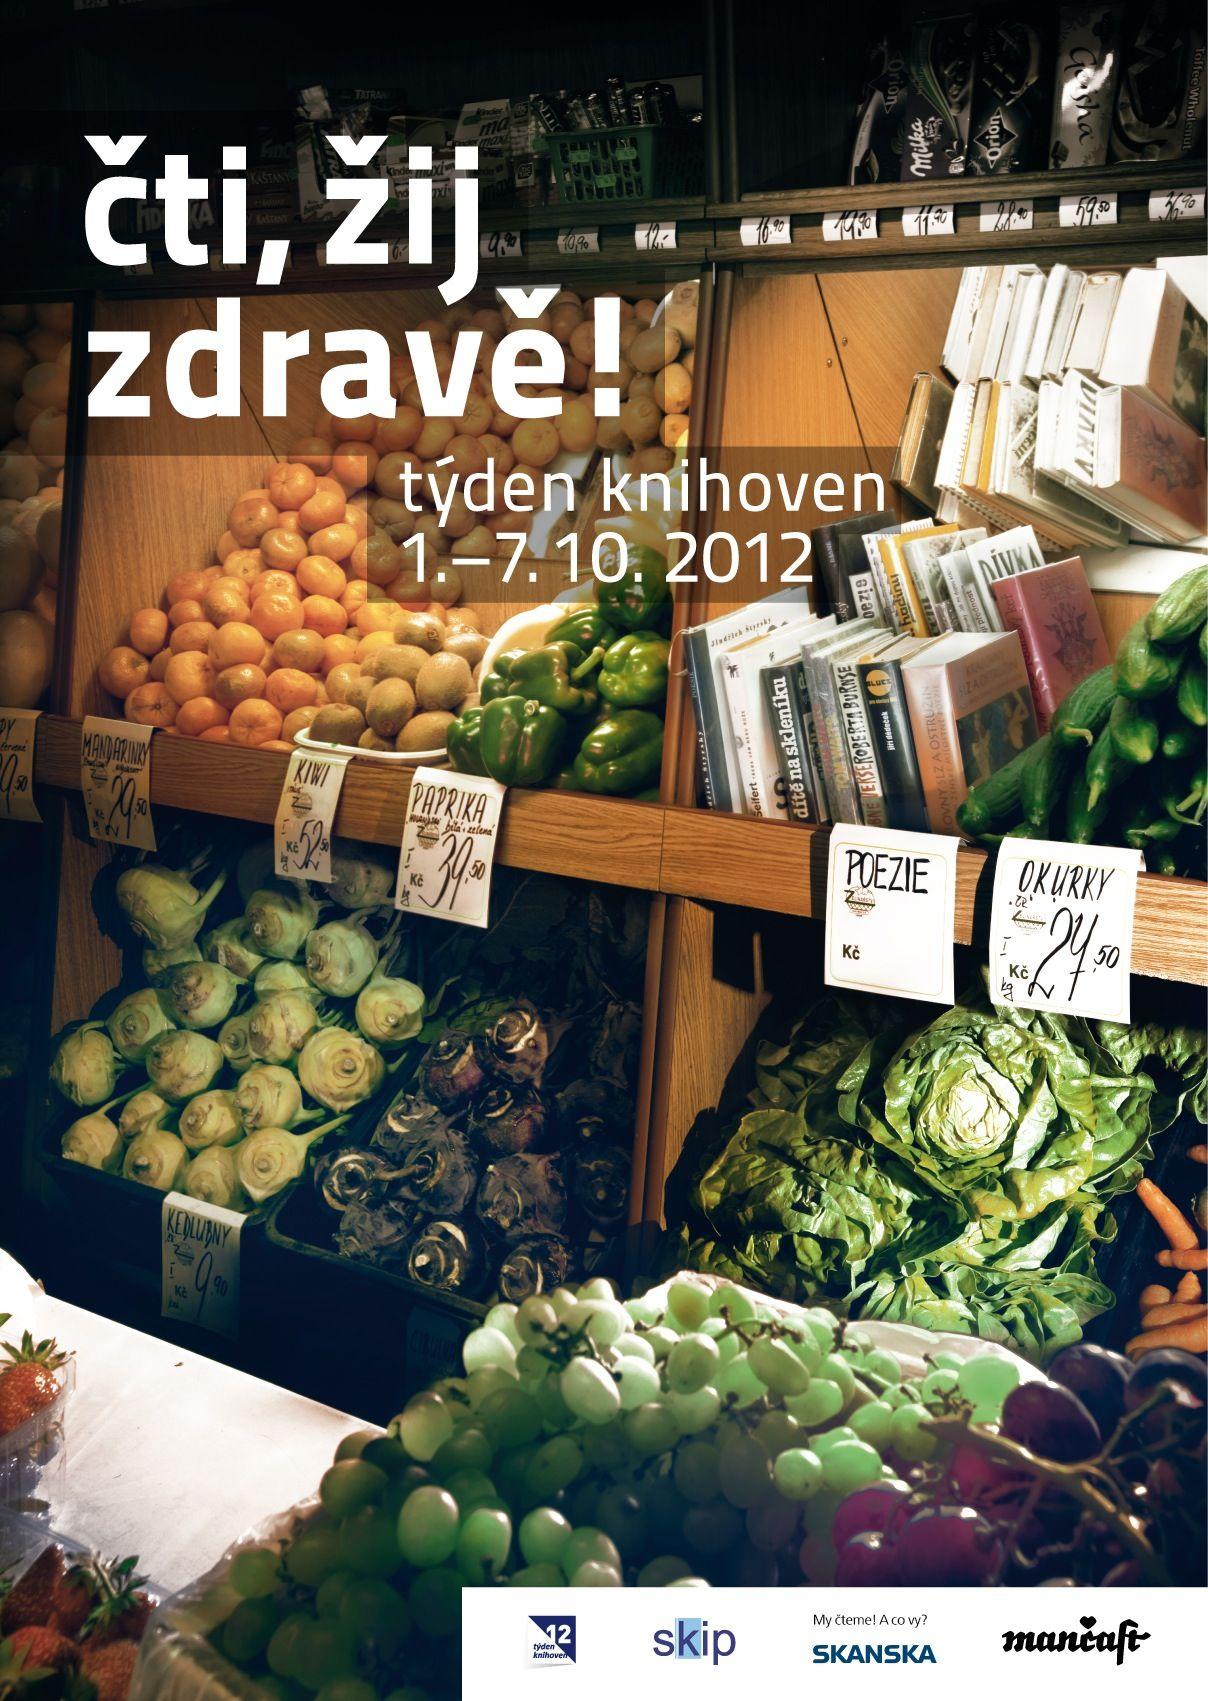 OBRÁZEK : tk2012.jpg